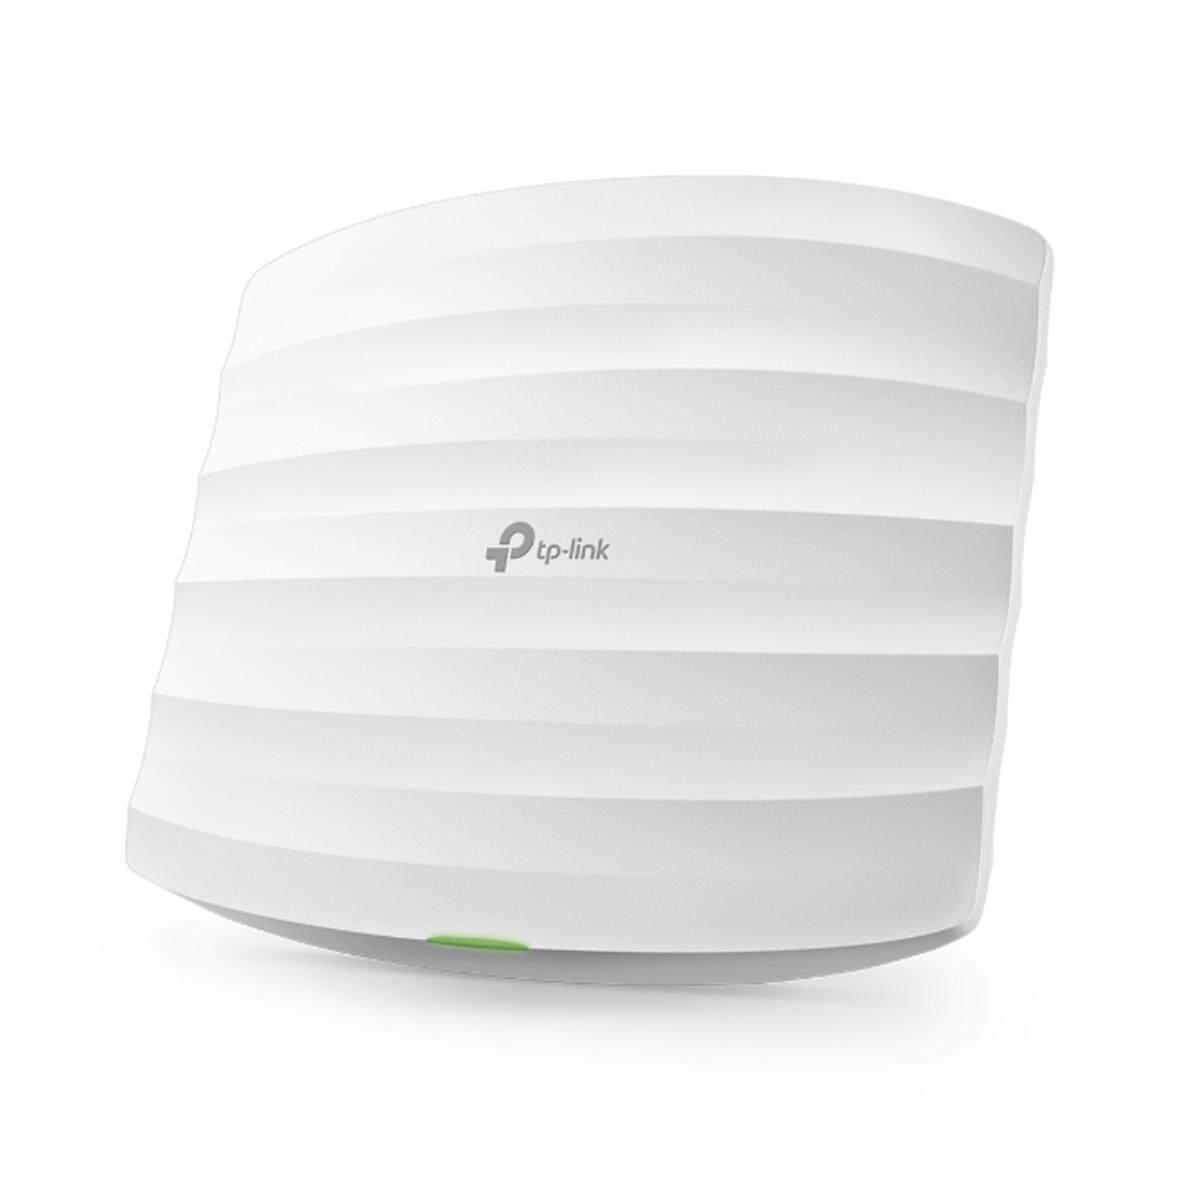 ขายดีมาก! TP-LINK Omada EAP110 Ver. 4 รับประกันศูนย์LIFETIME(ตลอดอายุการใช้งาน) 300Mbps Wireless N Ceiling Mount Access Point